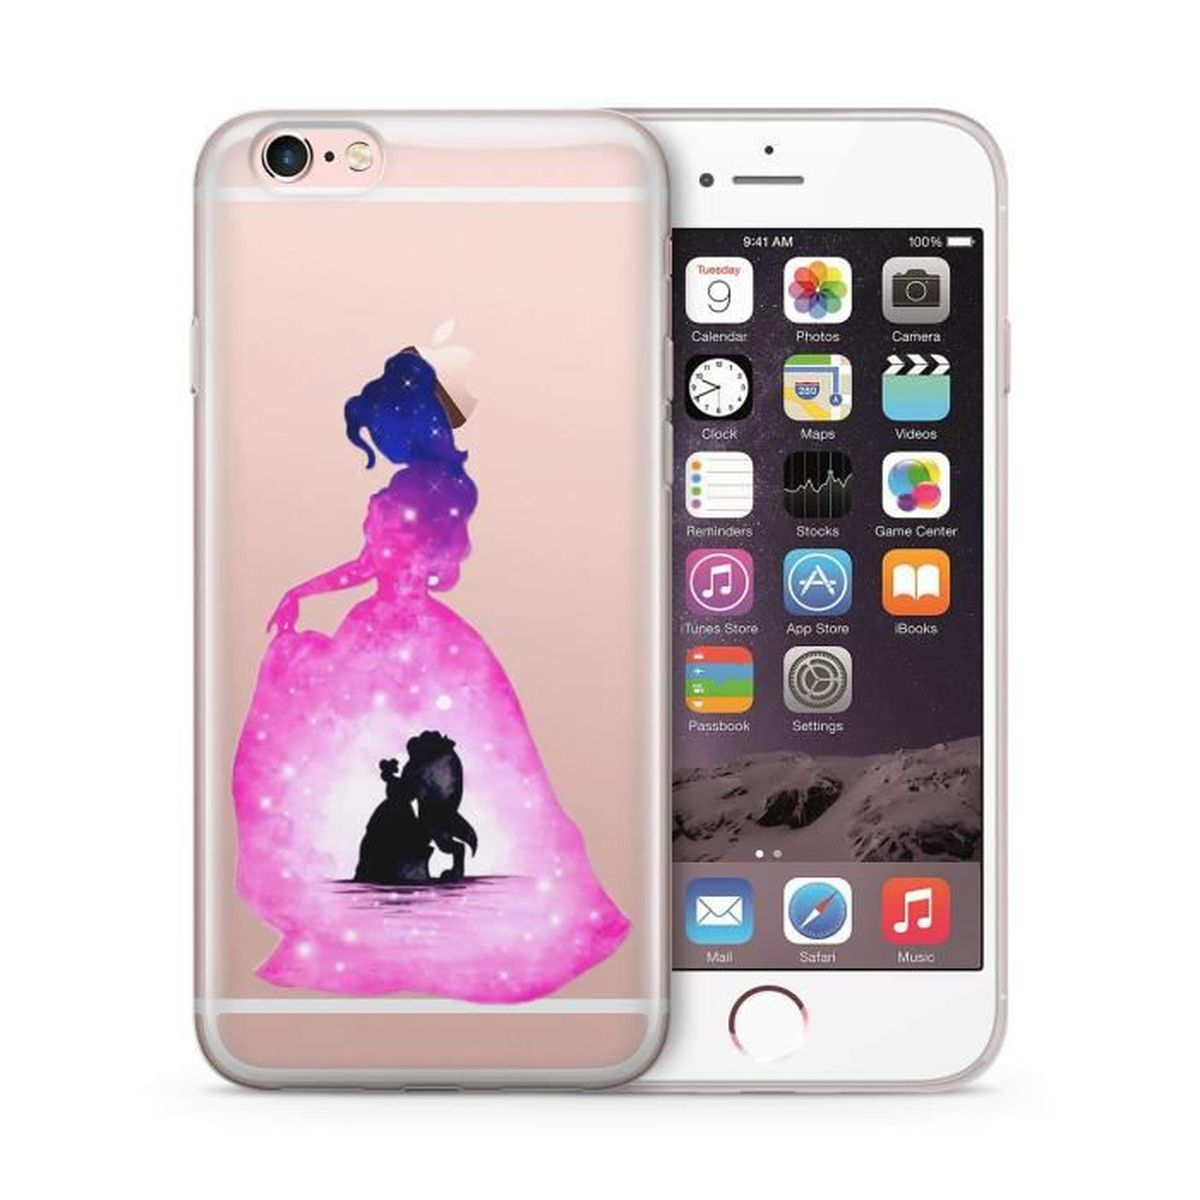 Coque Iphone 5 5S sillicone Disney La Belle et la Bête Etui Housse Bumper